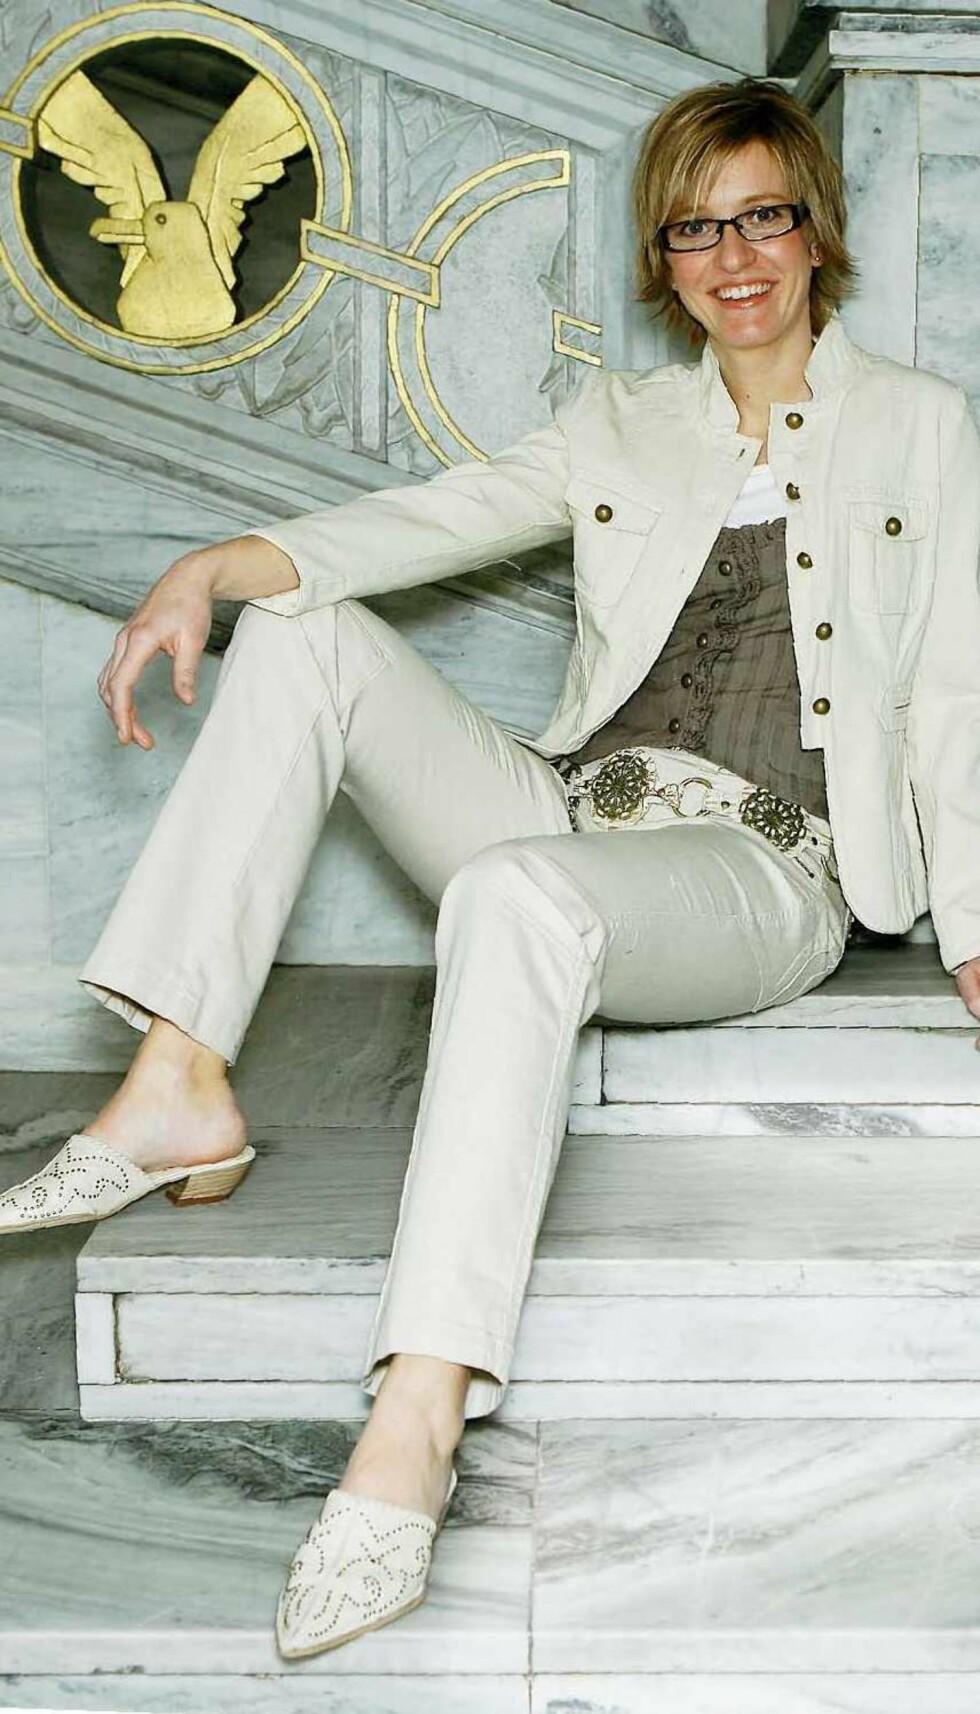 Den lyse dressen har sporty jakke med metallknapper (kr 500, Millennium) og bukse i samme stil (kr 500, Popin). Lys singlet (kr 80, Lindex) og brun vest (kr 300, Popin) sammen med medaljong-belte på hoften (kr 250, Glitter). Slipin sko med små maljer (kr 600, Bianco).